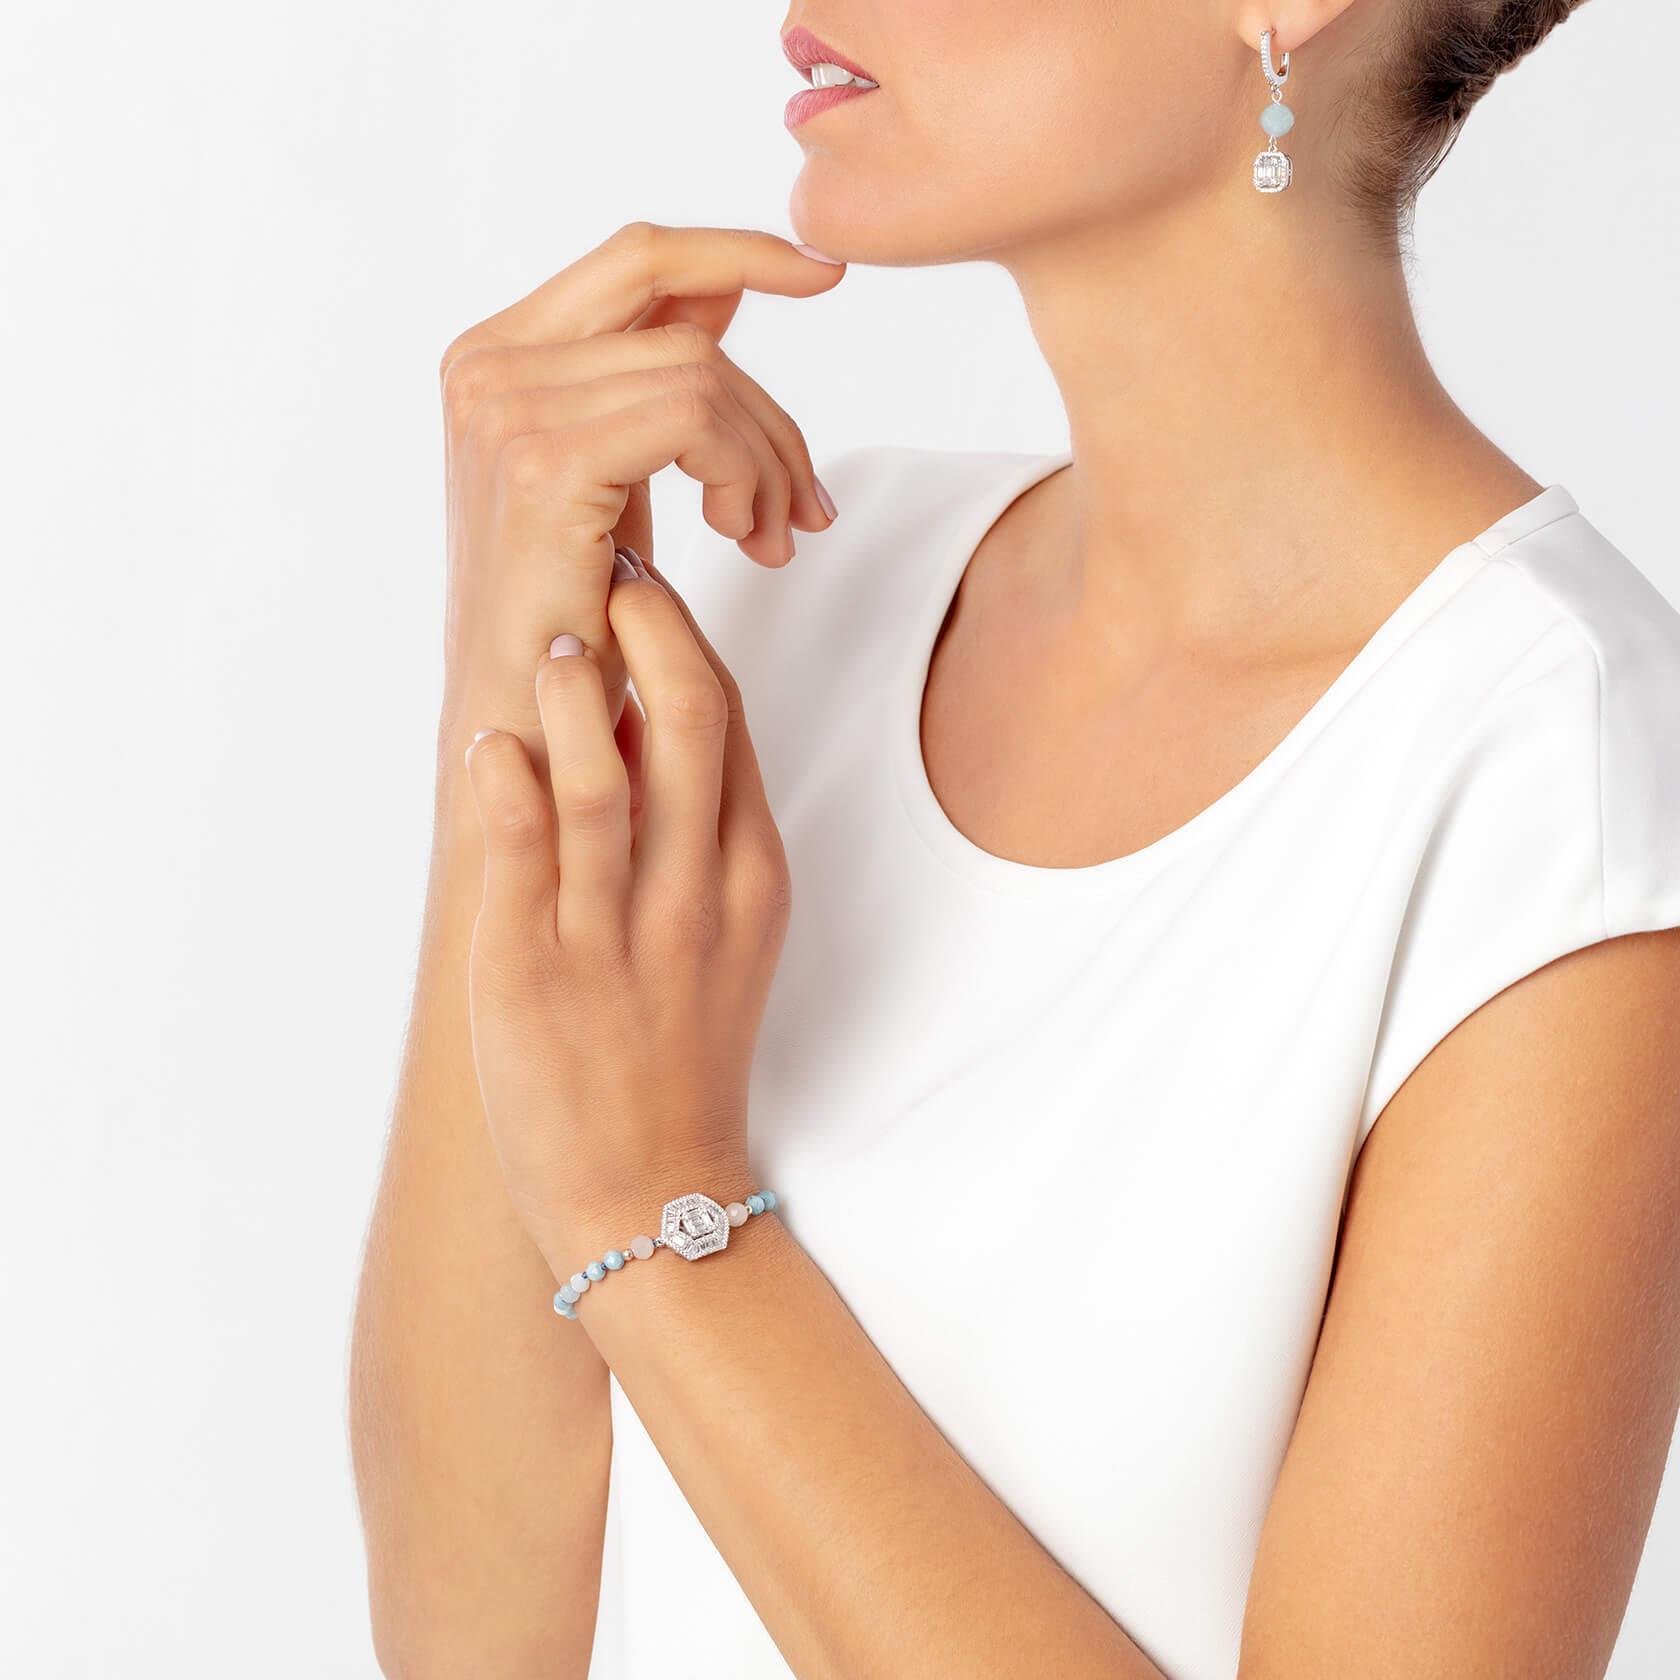 Hexagonal aquamarine bracelet | Marybola